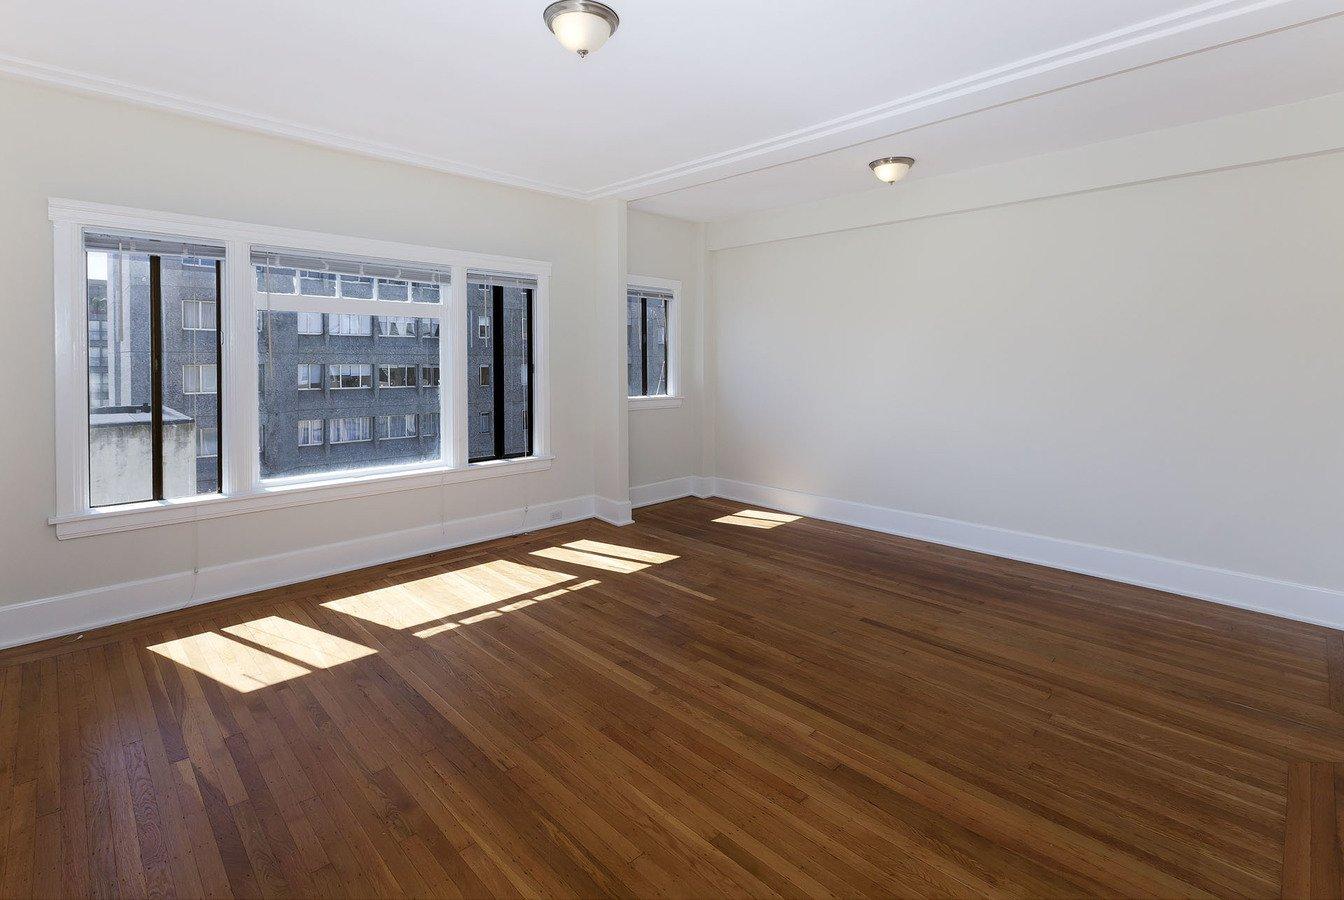 1 Bedroom 1 Bathroom Apartment for rent at 755 O'farrell Apartments in San Francisco, CA